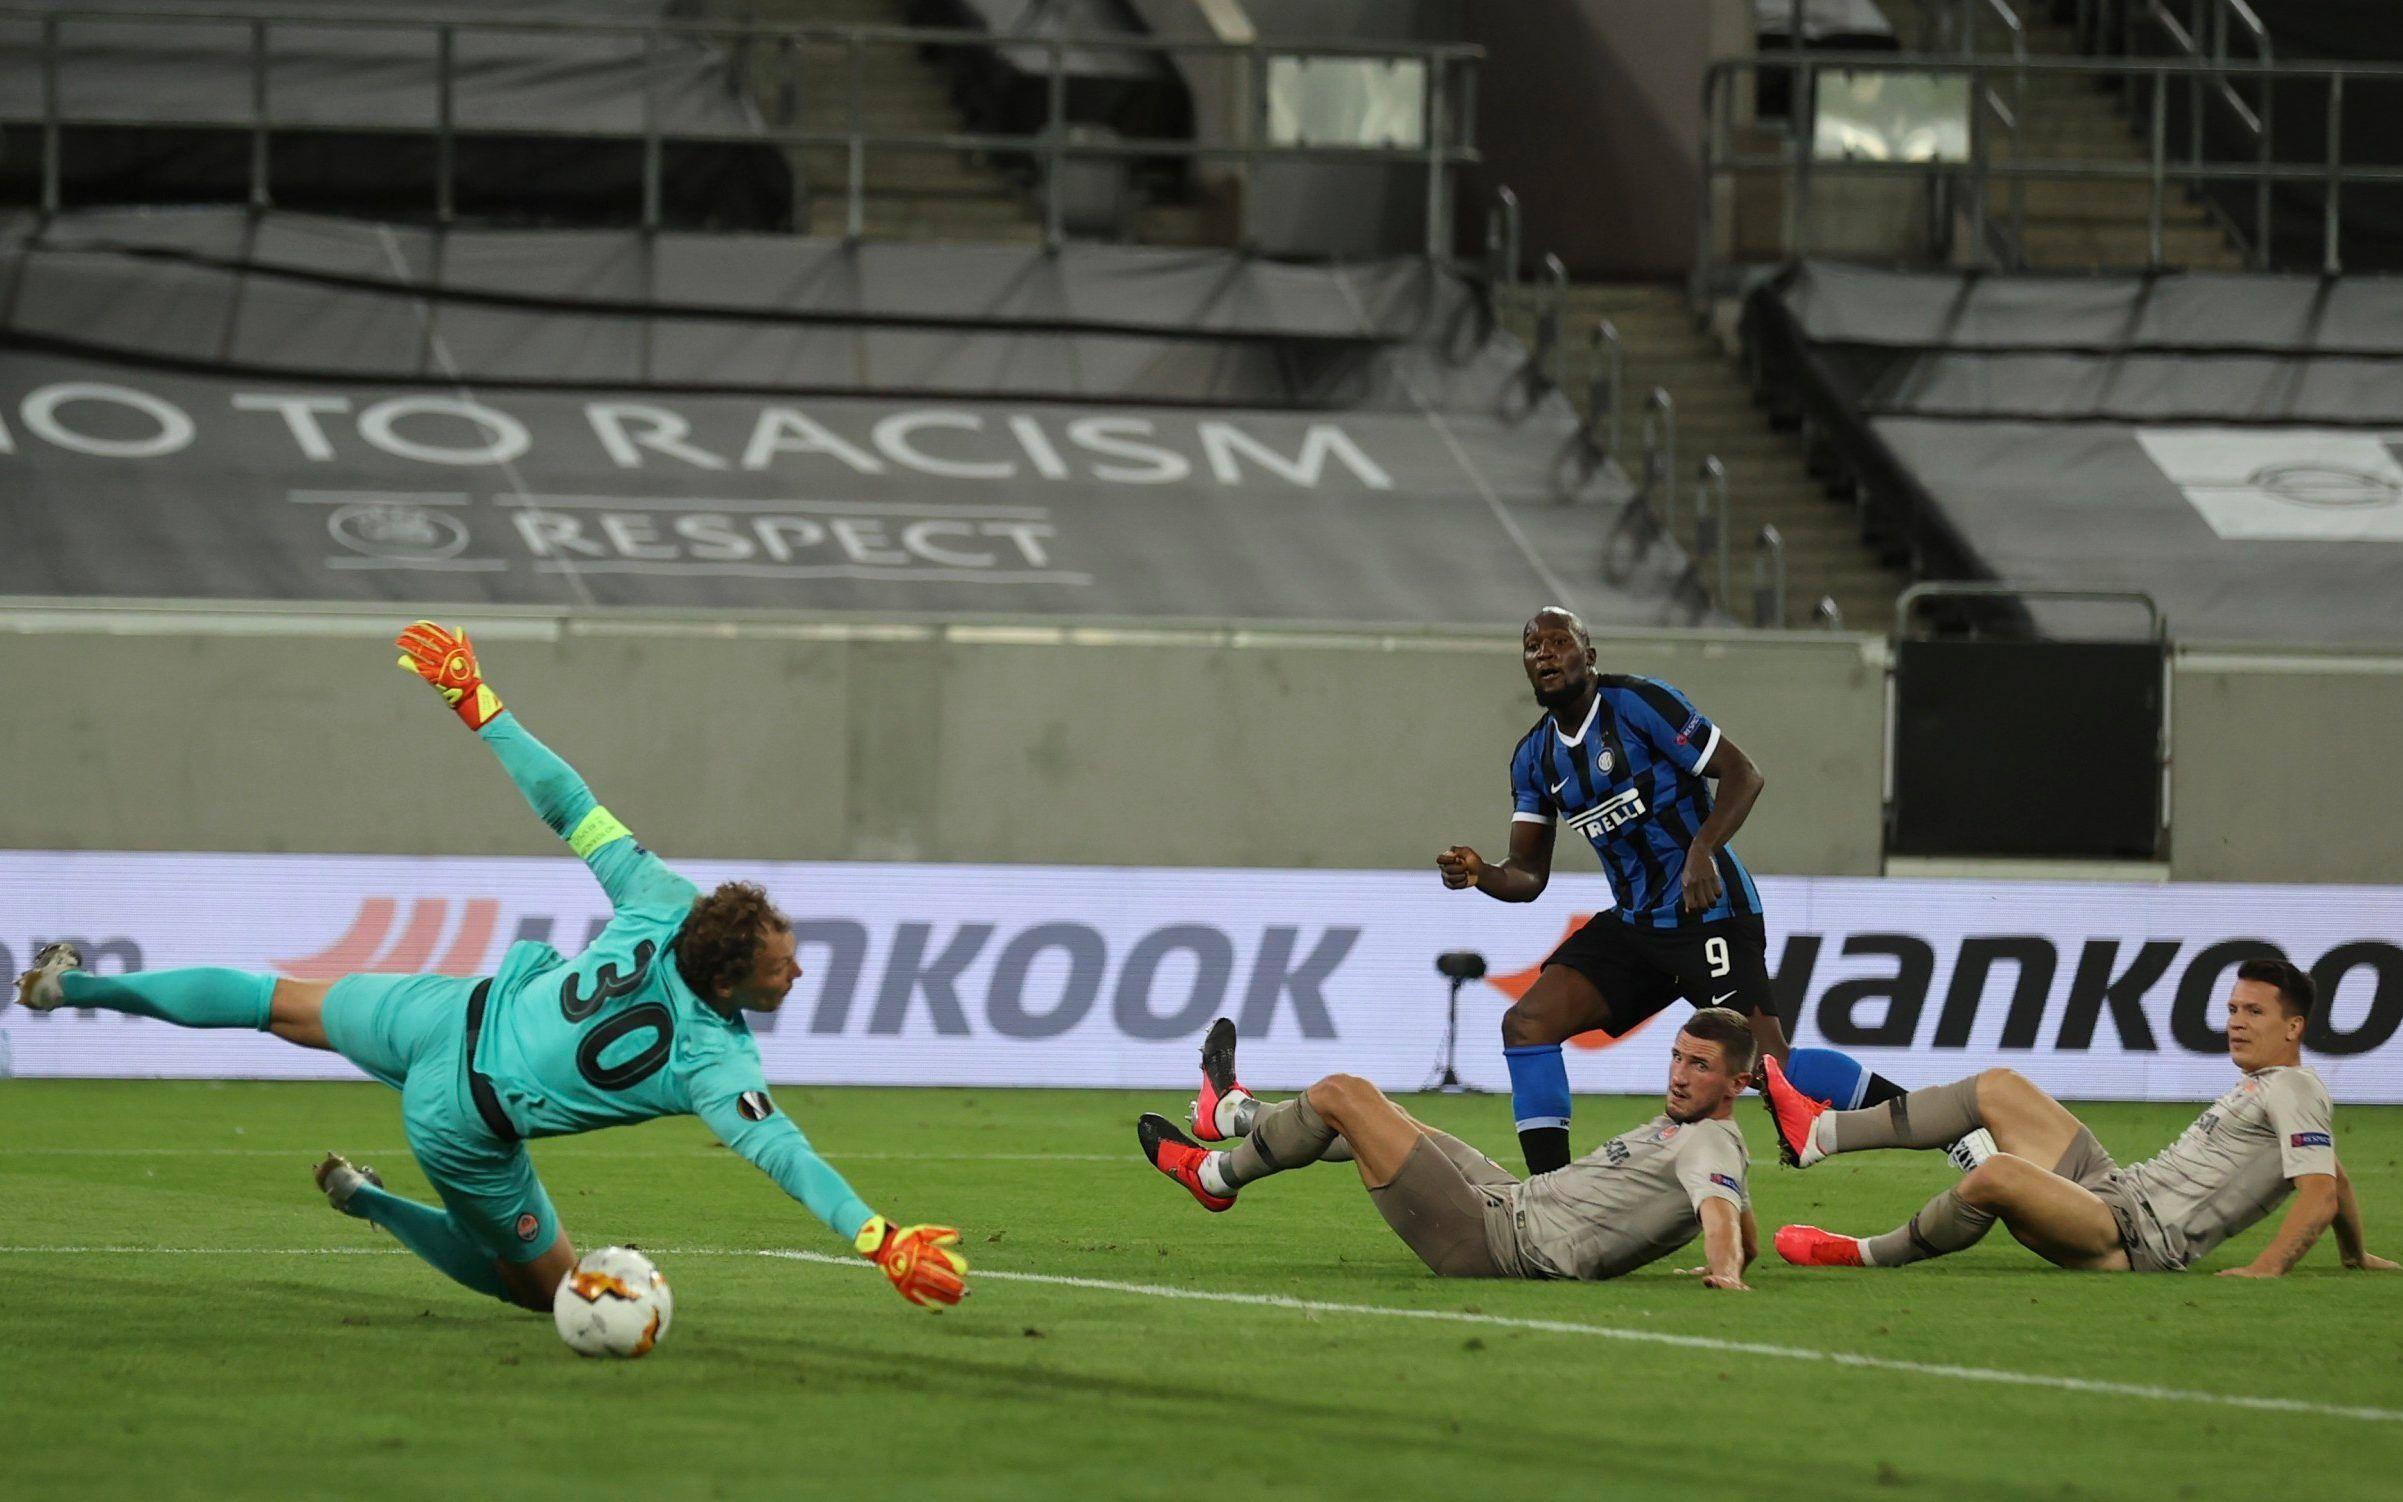 Nhận định Inter vs Shakhtar Donetsk, 03h00 ngày 10/12, Cúp C1 châu Âu